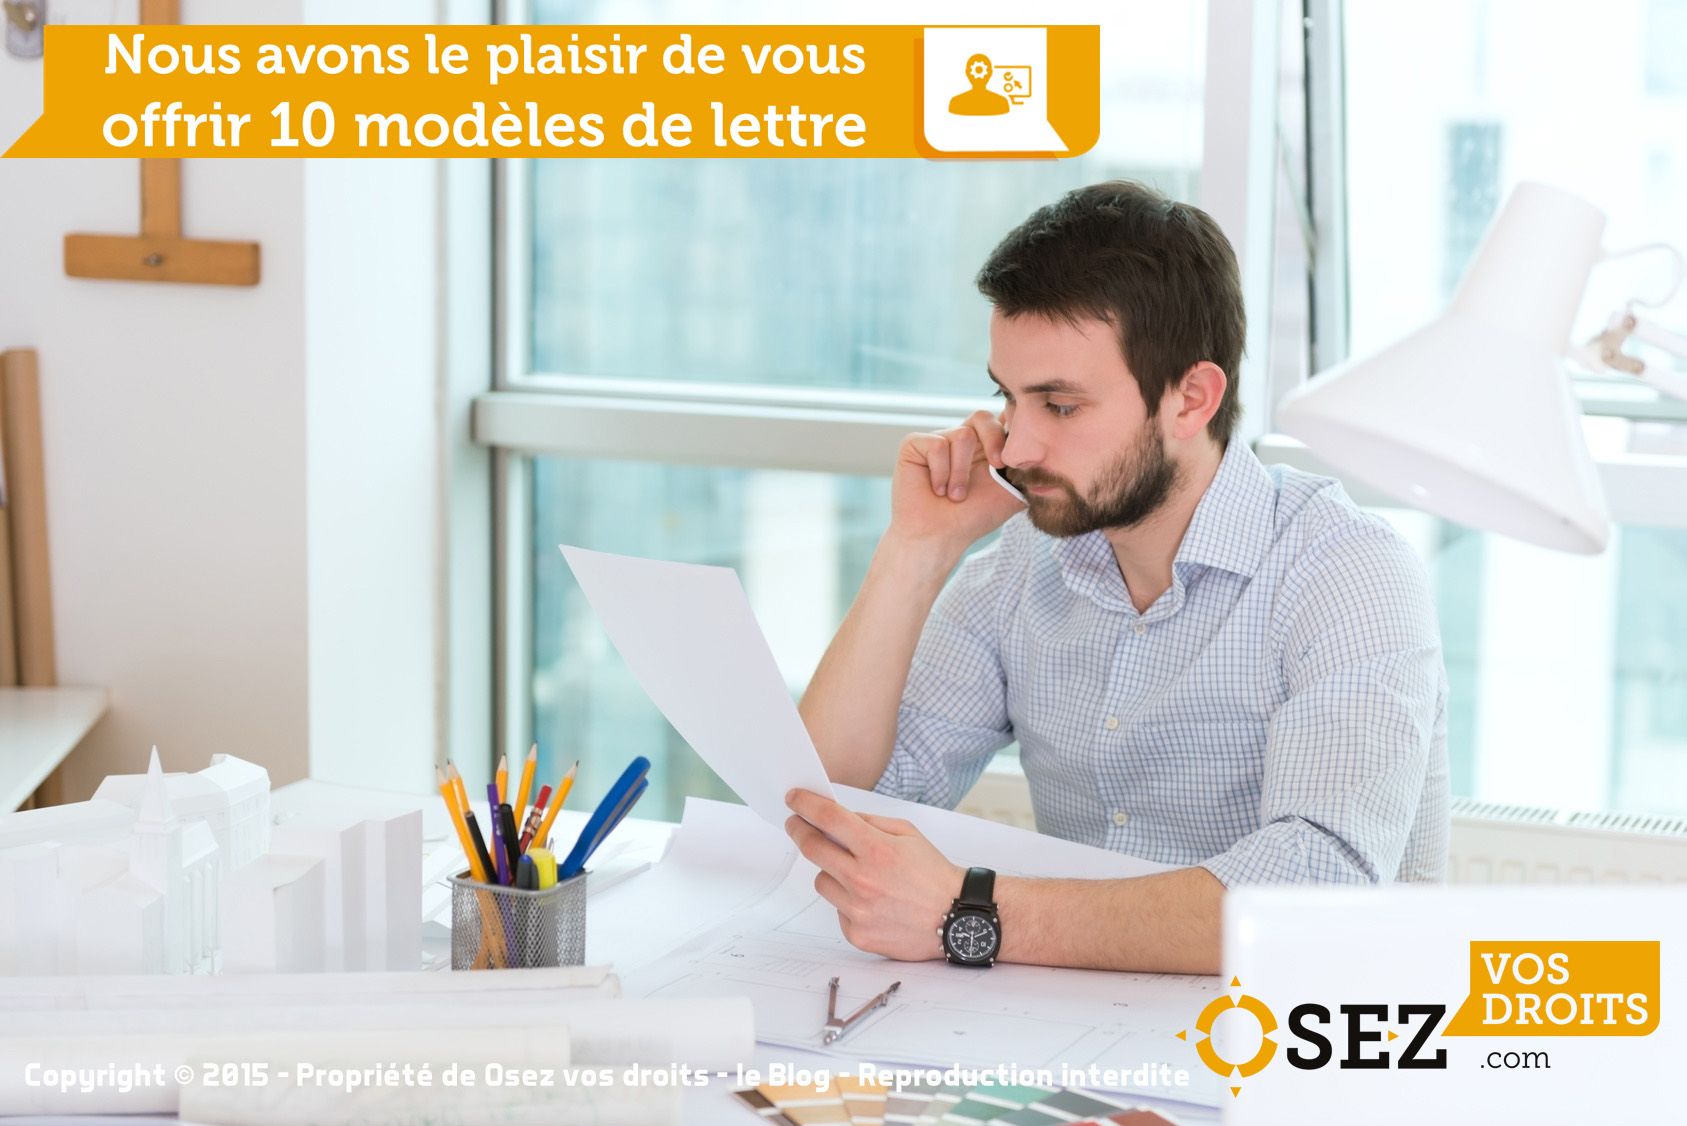 Modèles de lettre CE, modèle de lettre comité d'entreprise, Modèle de lettre DP, modèle de lettre délégués du personnel, Modèle de lettre CHSCT